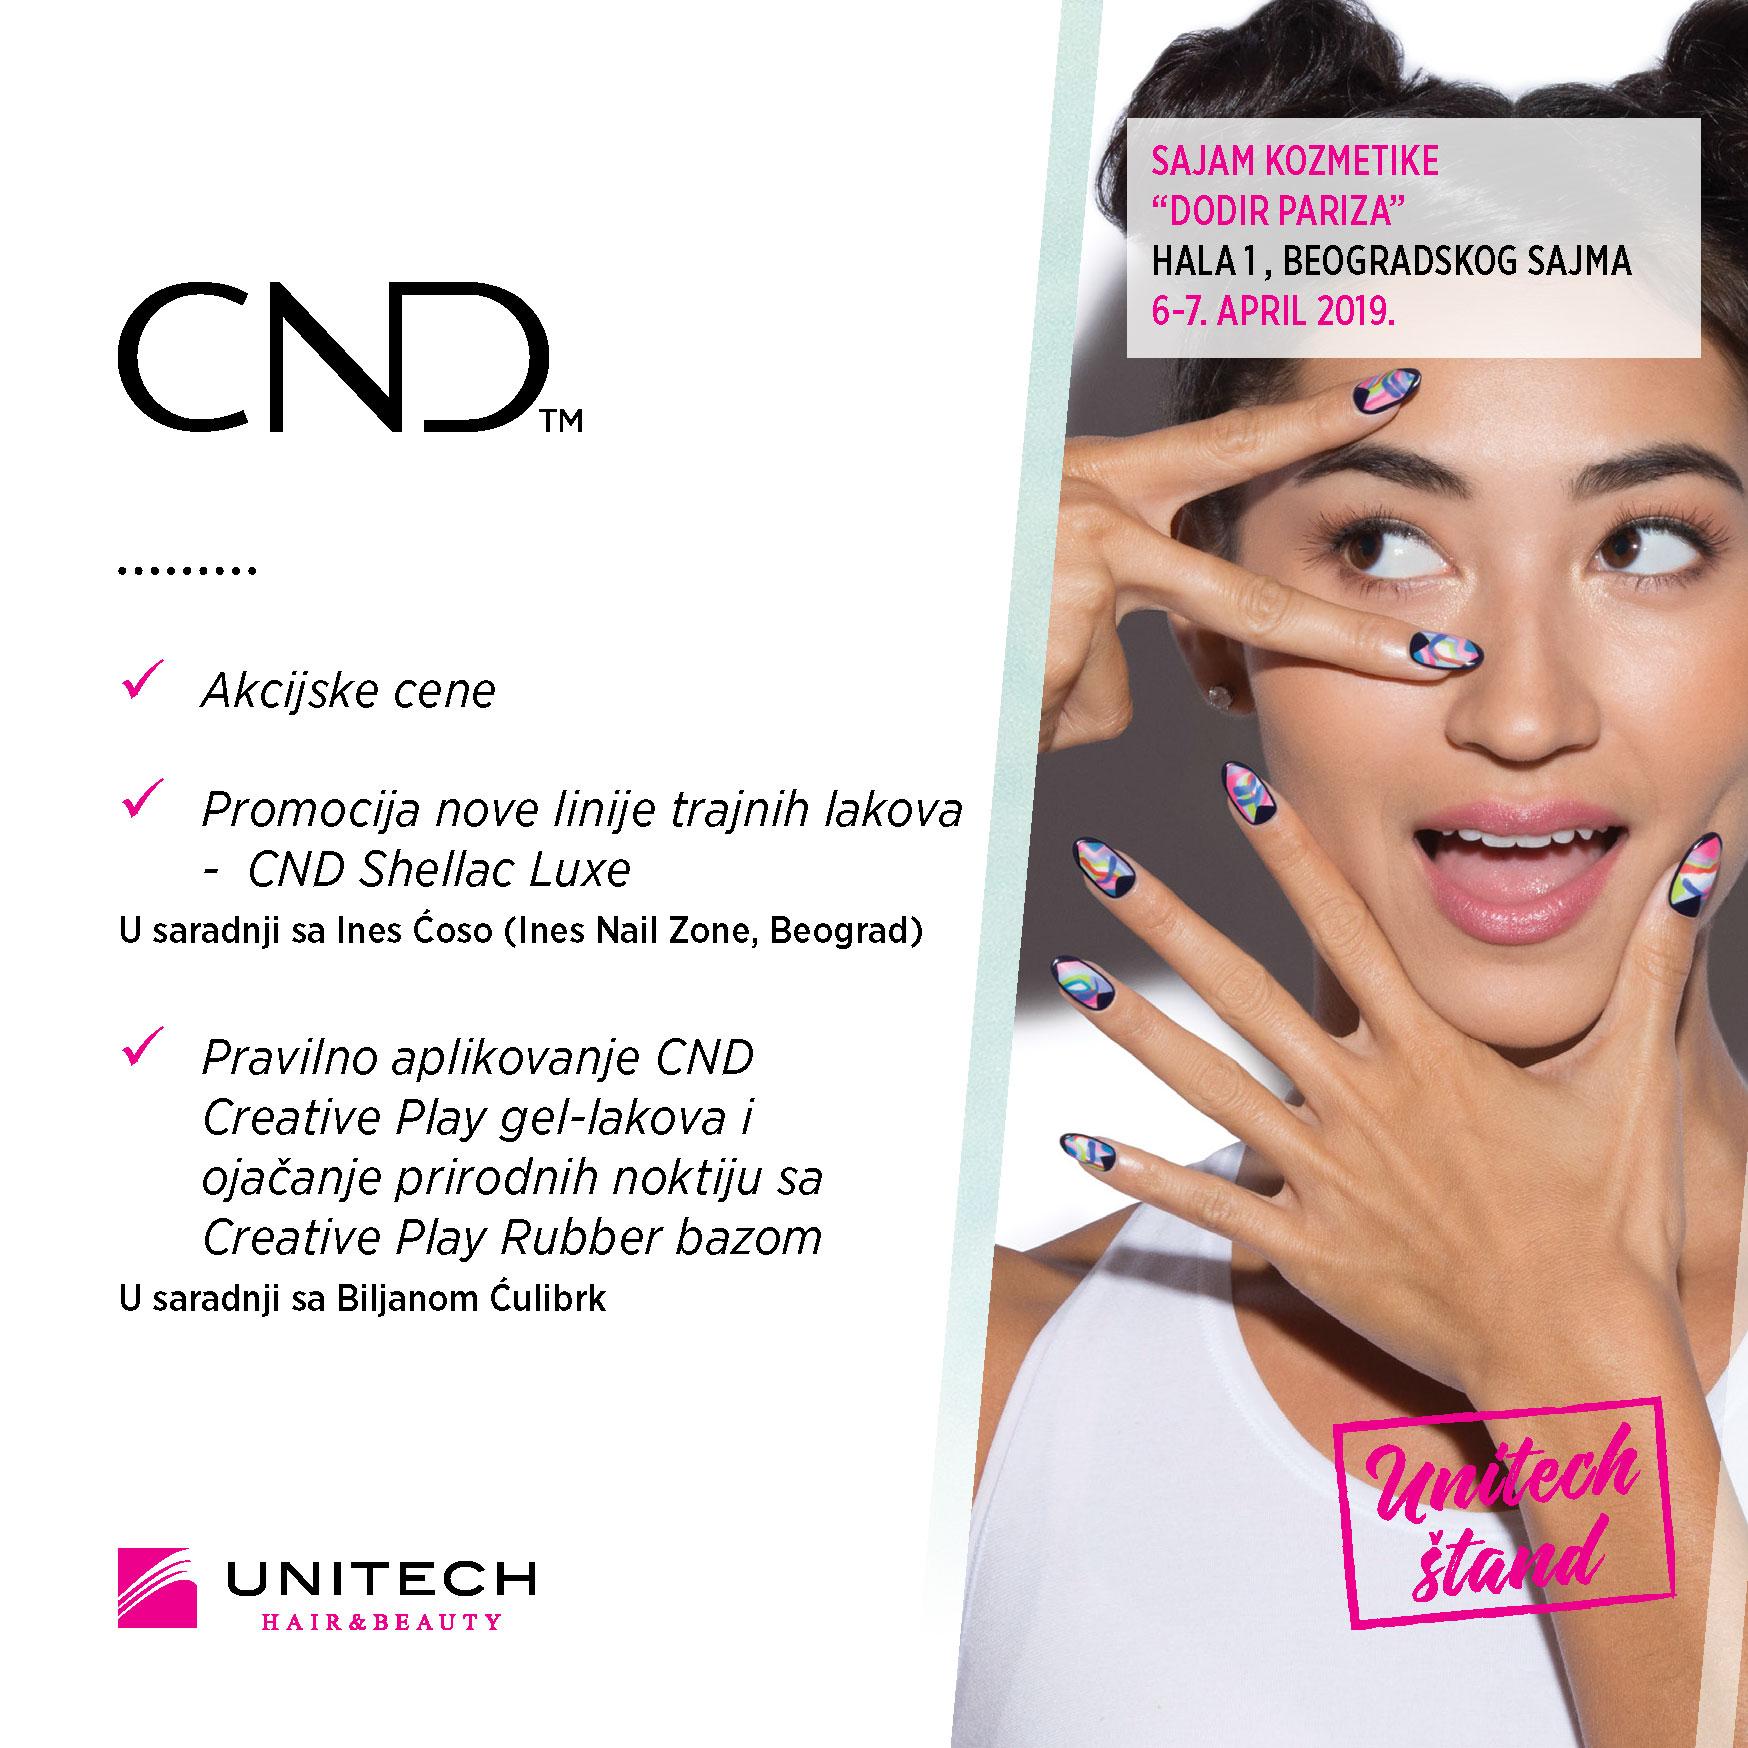 Unitech CND - 33. sajam kozmetike